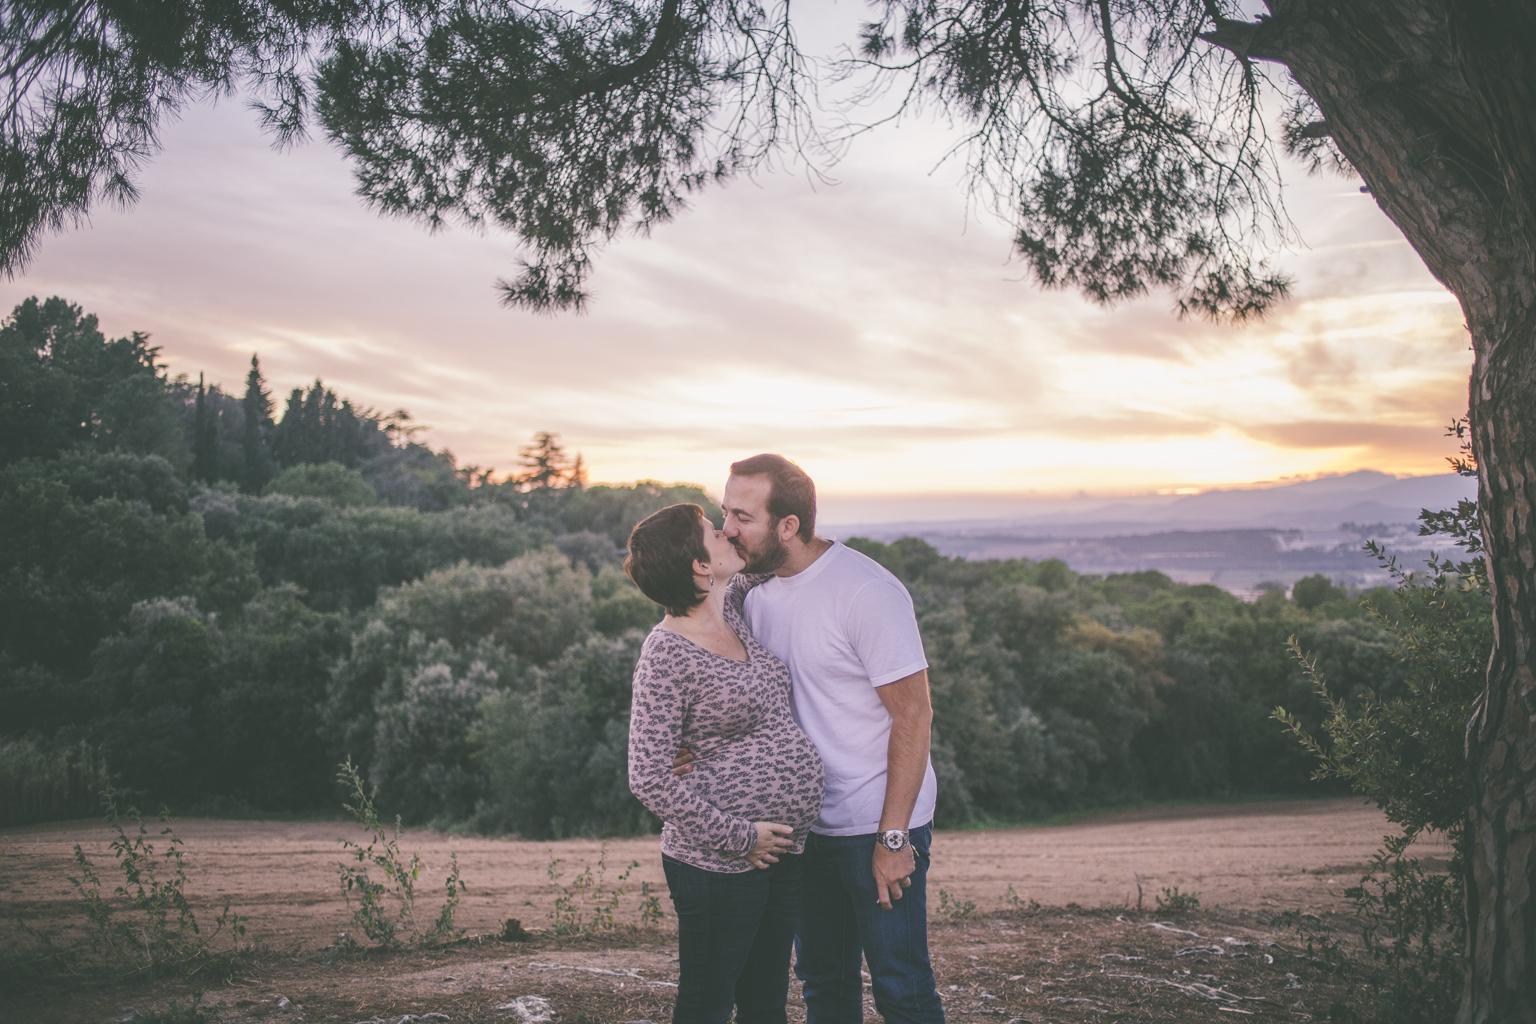 fotógrafo embarazo barcelona :: fotografía embarazo natural :: fotógrafo embarazo en el campo :: fotógrafo embarazo cardedeu